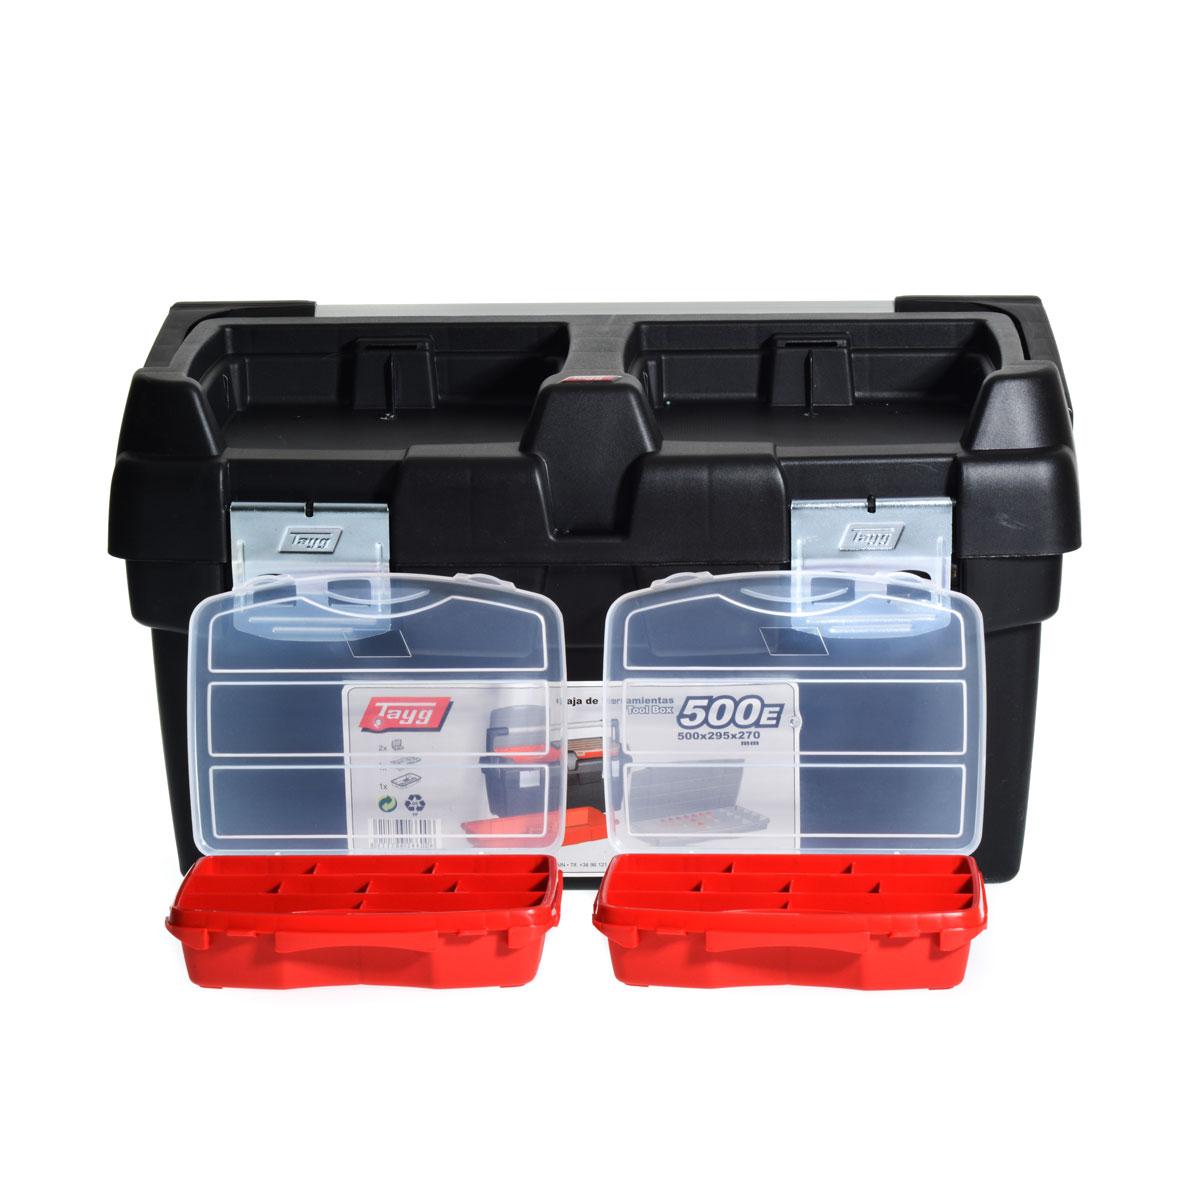 جعبه ابزار تایگ مدل ۵۰۰E (3)